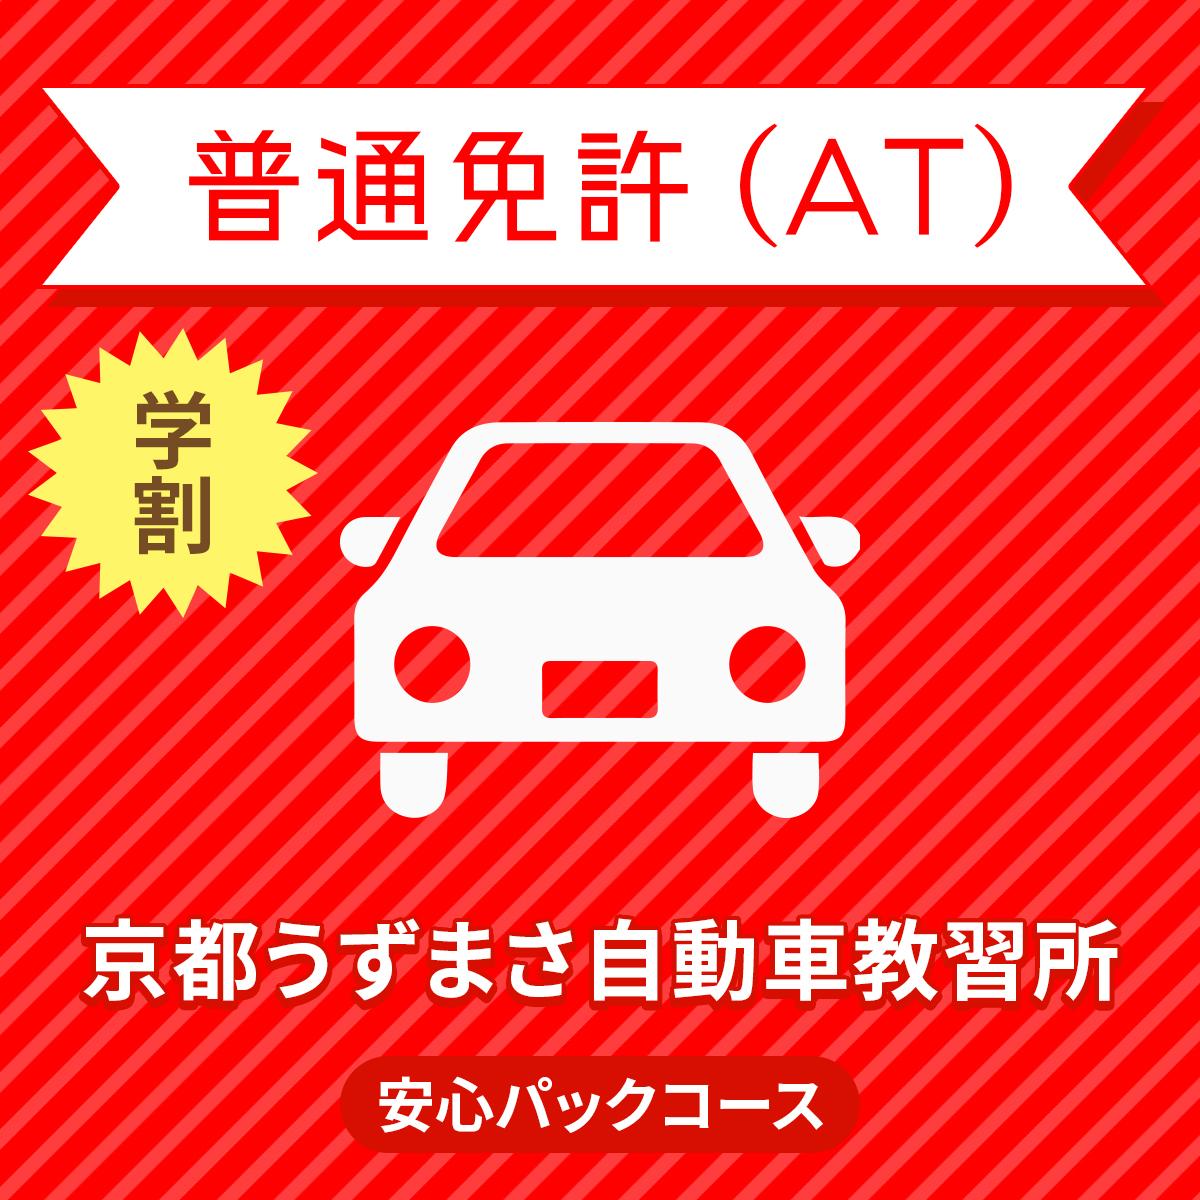 【京都府京都市】普通車AT安心パックコース(学生料金)<18歳~25歳·免許なし/原付免許所持対象>